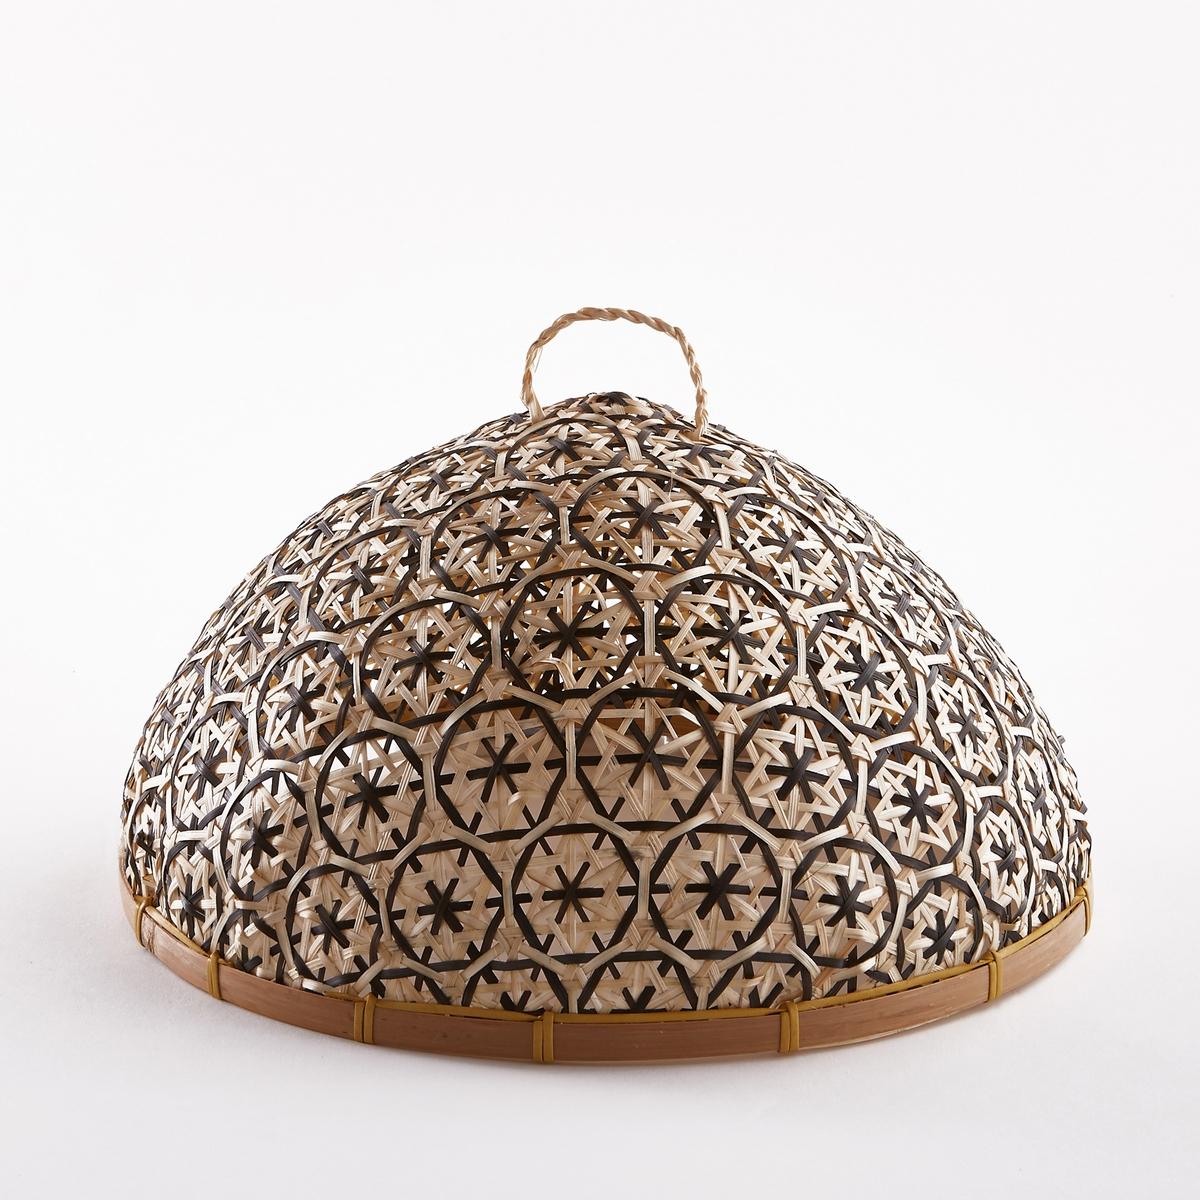 Колпак сырный IacoboСырный колпак Iacobo. Практичный и красивый как снаружи, так и внутри сырный колпак защитит Ваш сыр и другие продукты от насекомых. Красивое плетение ручной работы из натурального бамбука. Размеры  : ?31 x В19 см.<br><br>Цвет: бежевый/разноцветный,бежевый/черный<br>Размер: единый размер